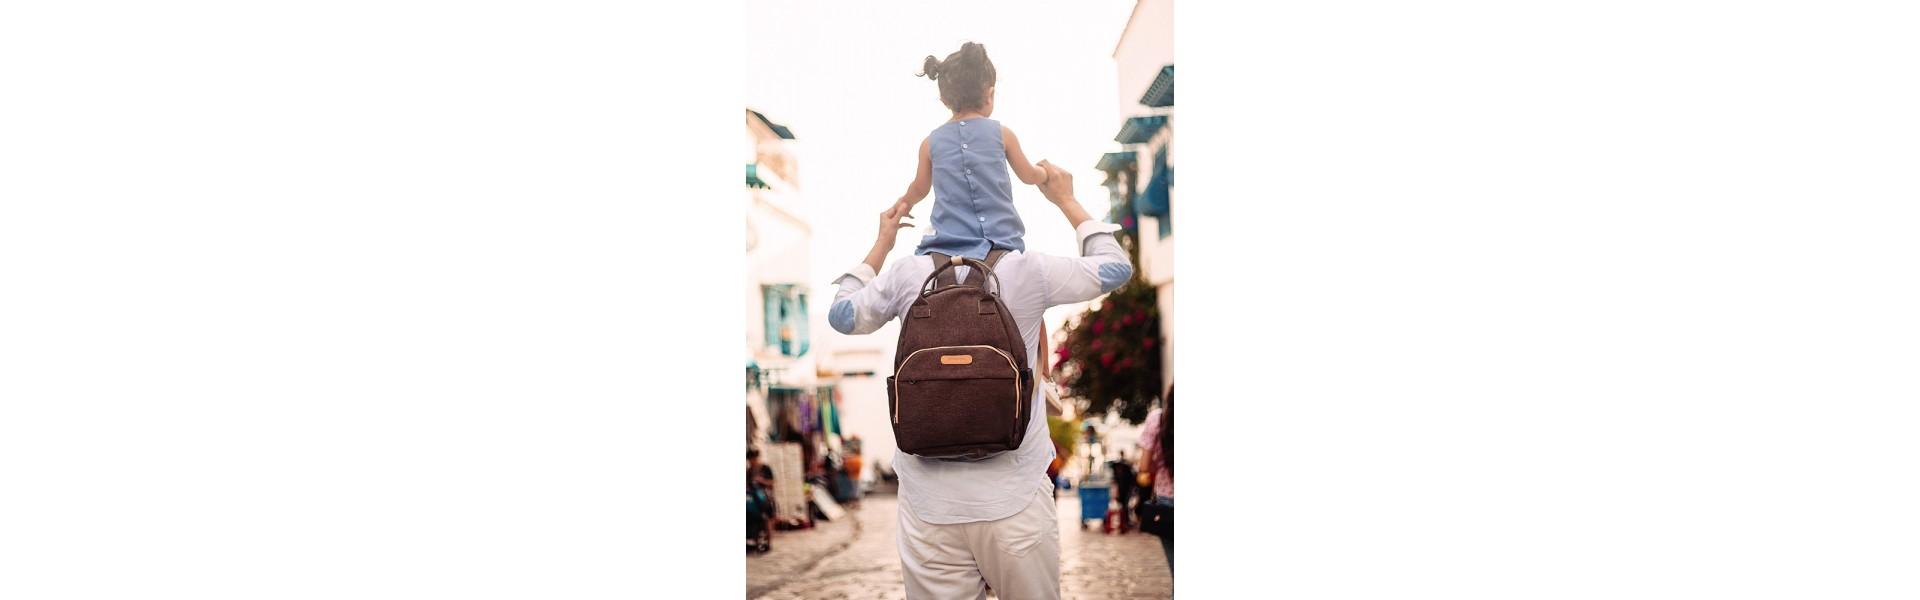 Articles de maternité Rémy - Primanata, achat en ligne Tunisie